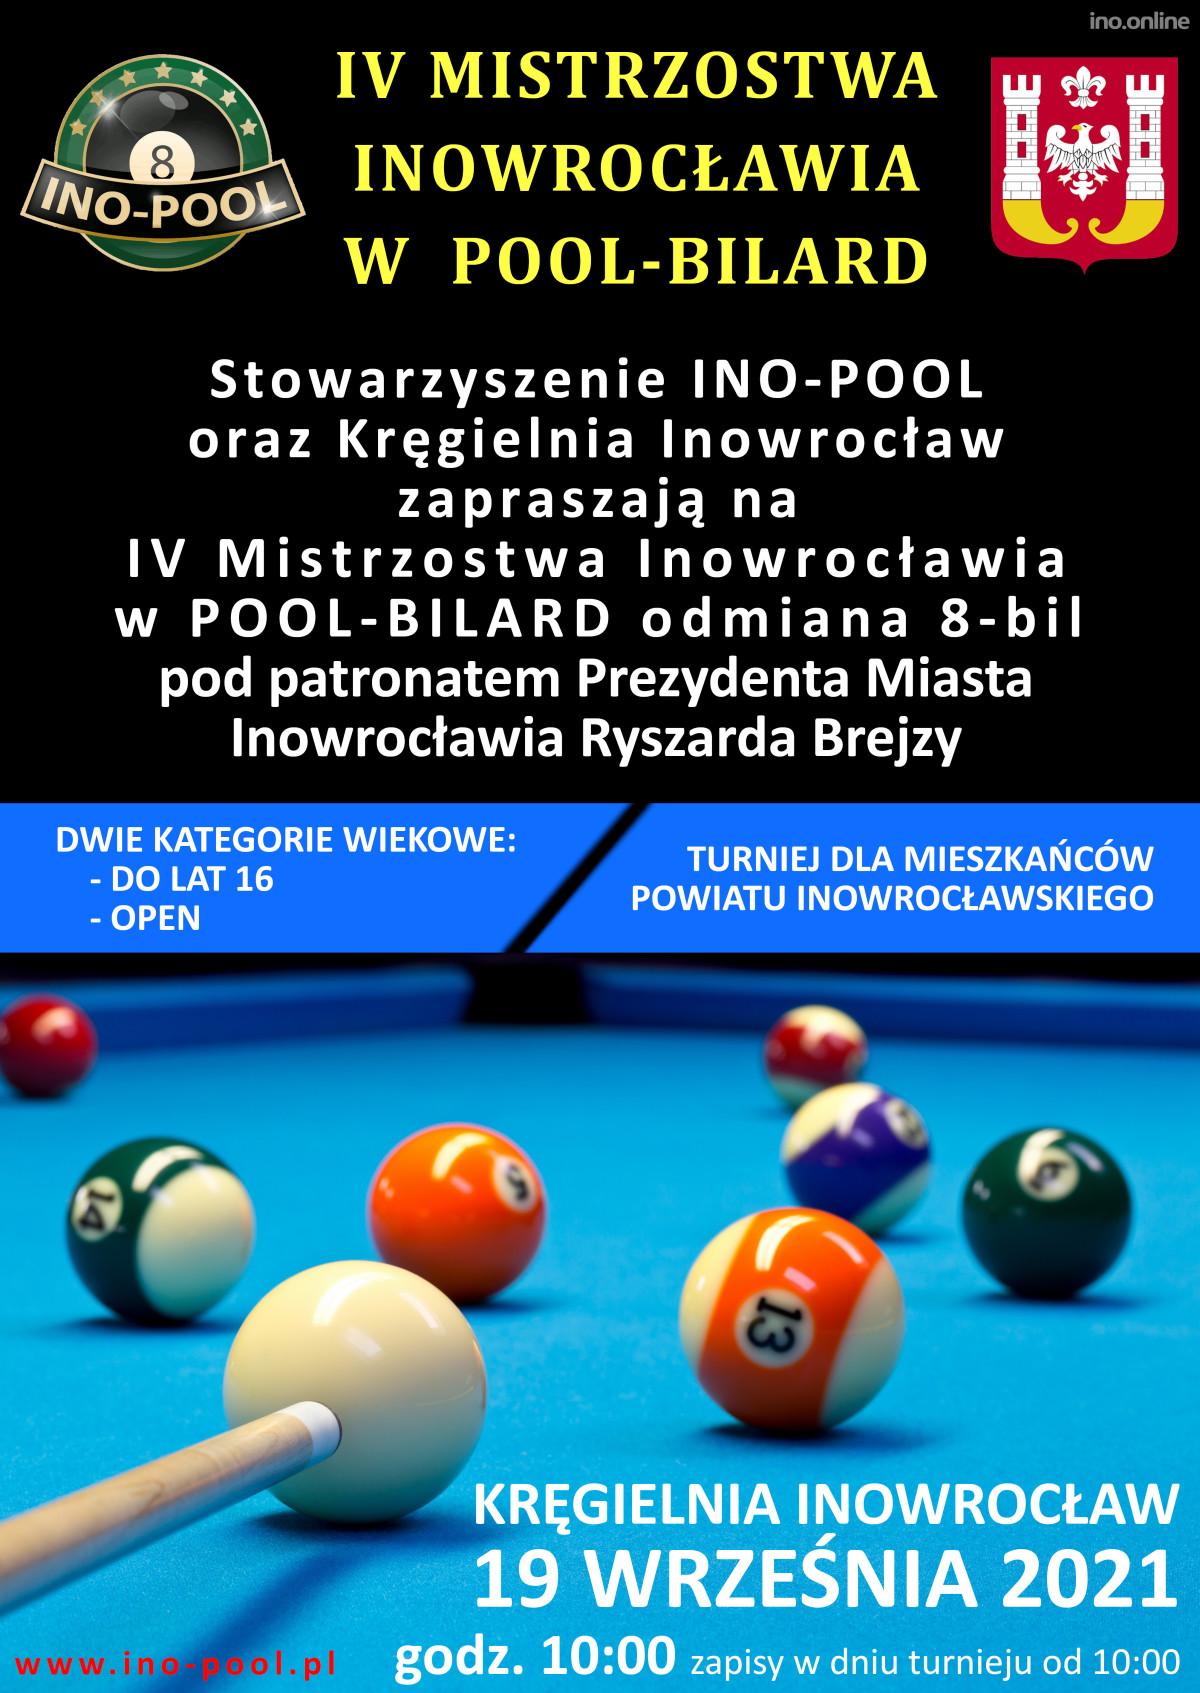 Mistrzostwa Inowrocławia 4